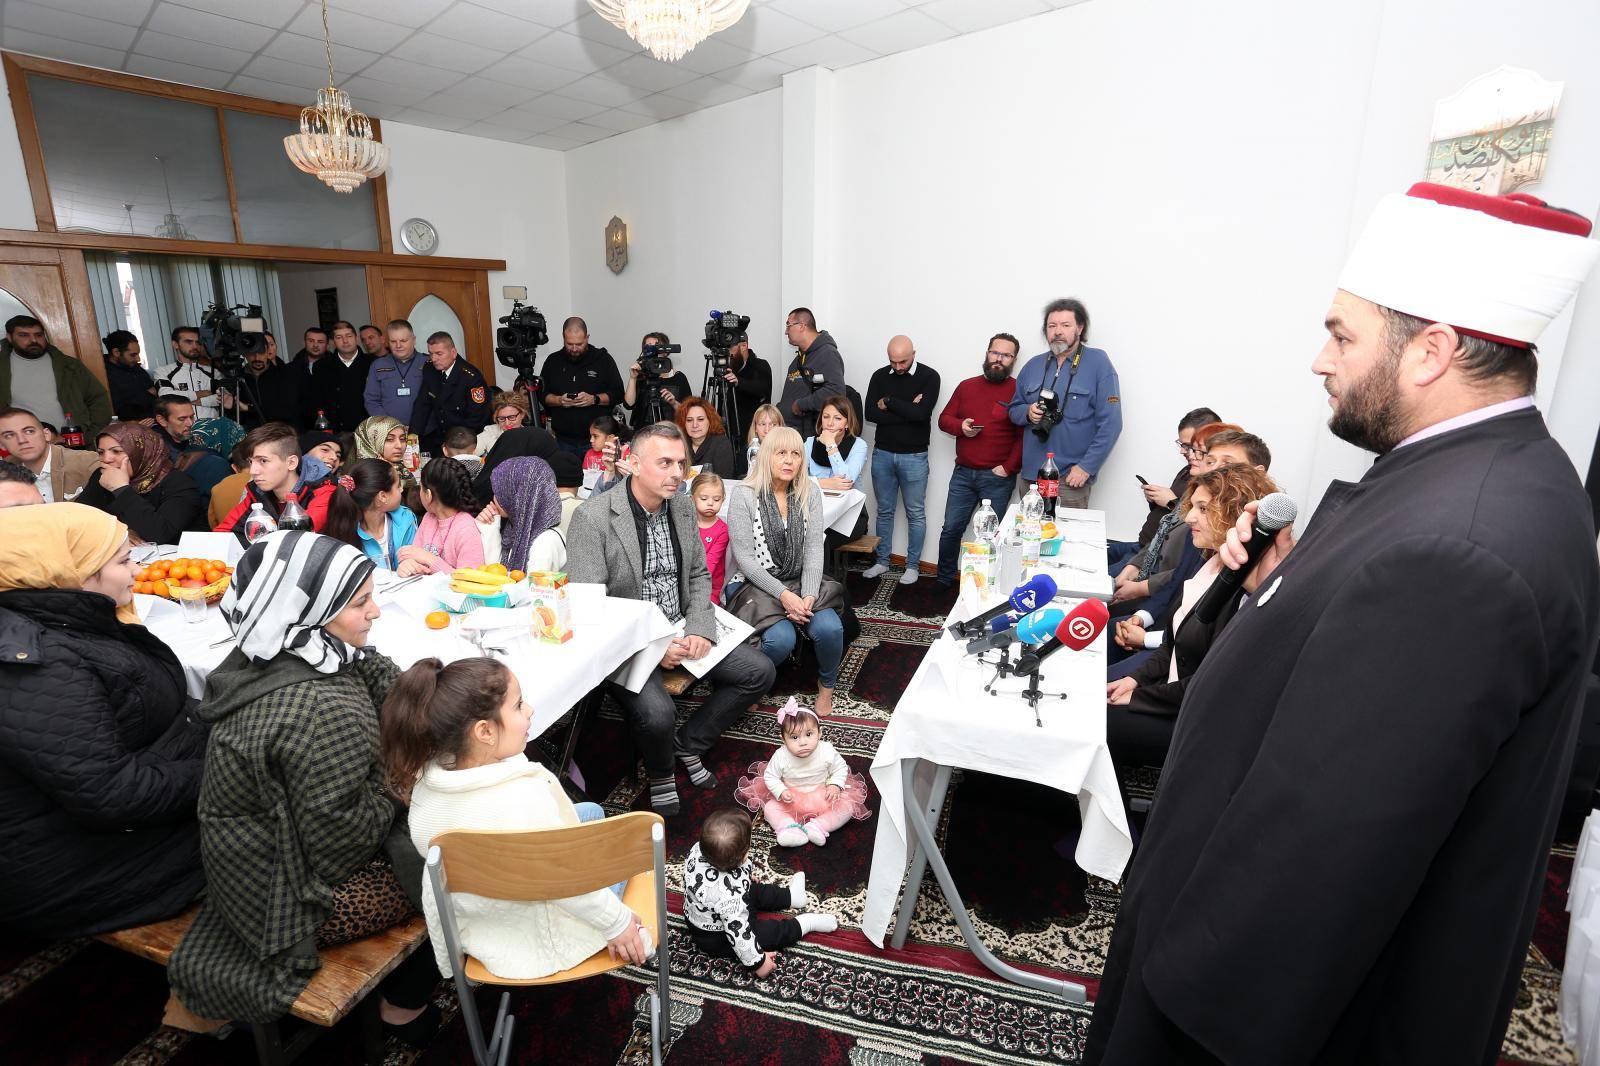 Karlovac: Islamska zajednica organizirala druženje i ručak s azilantima